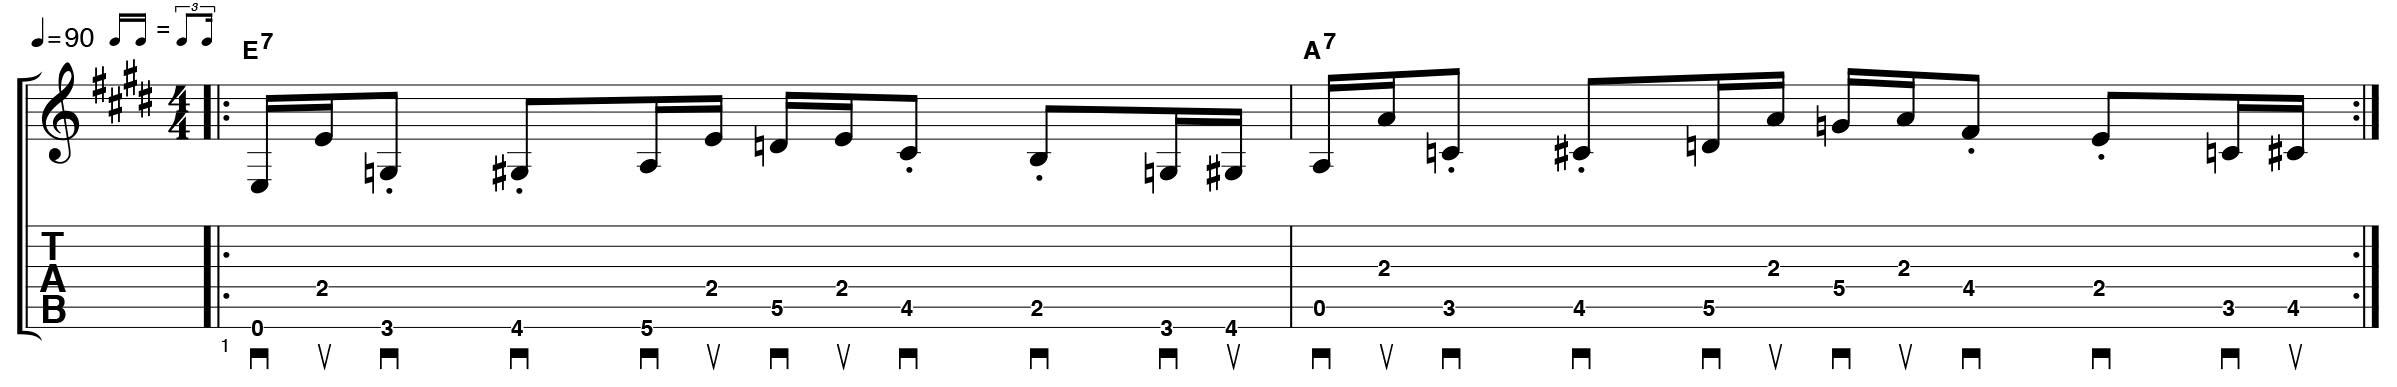 How To Play Guitar Like Joe Perry Musicradar